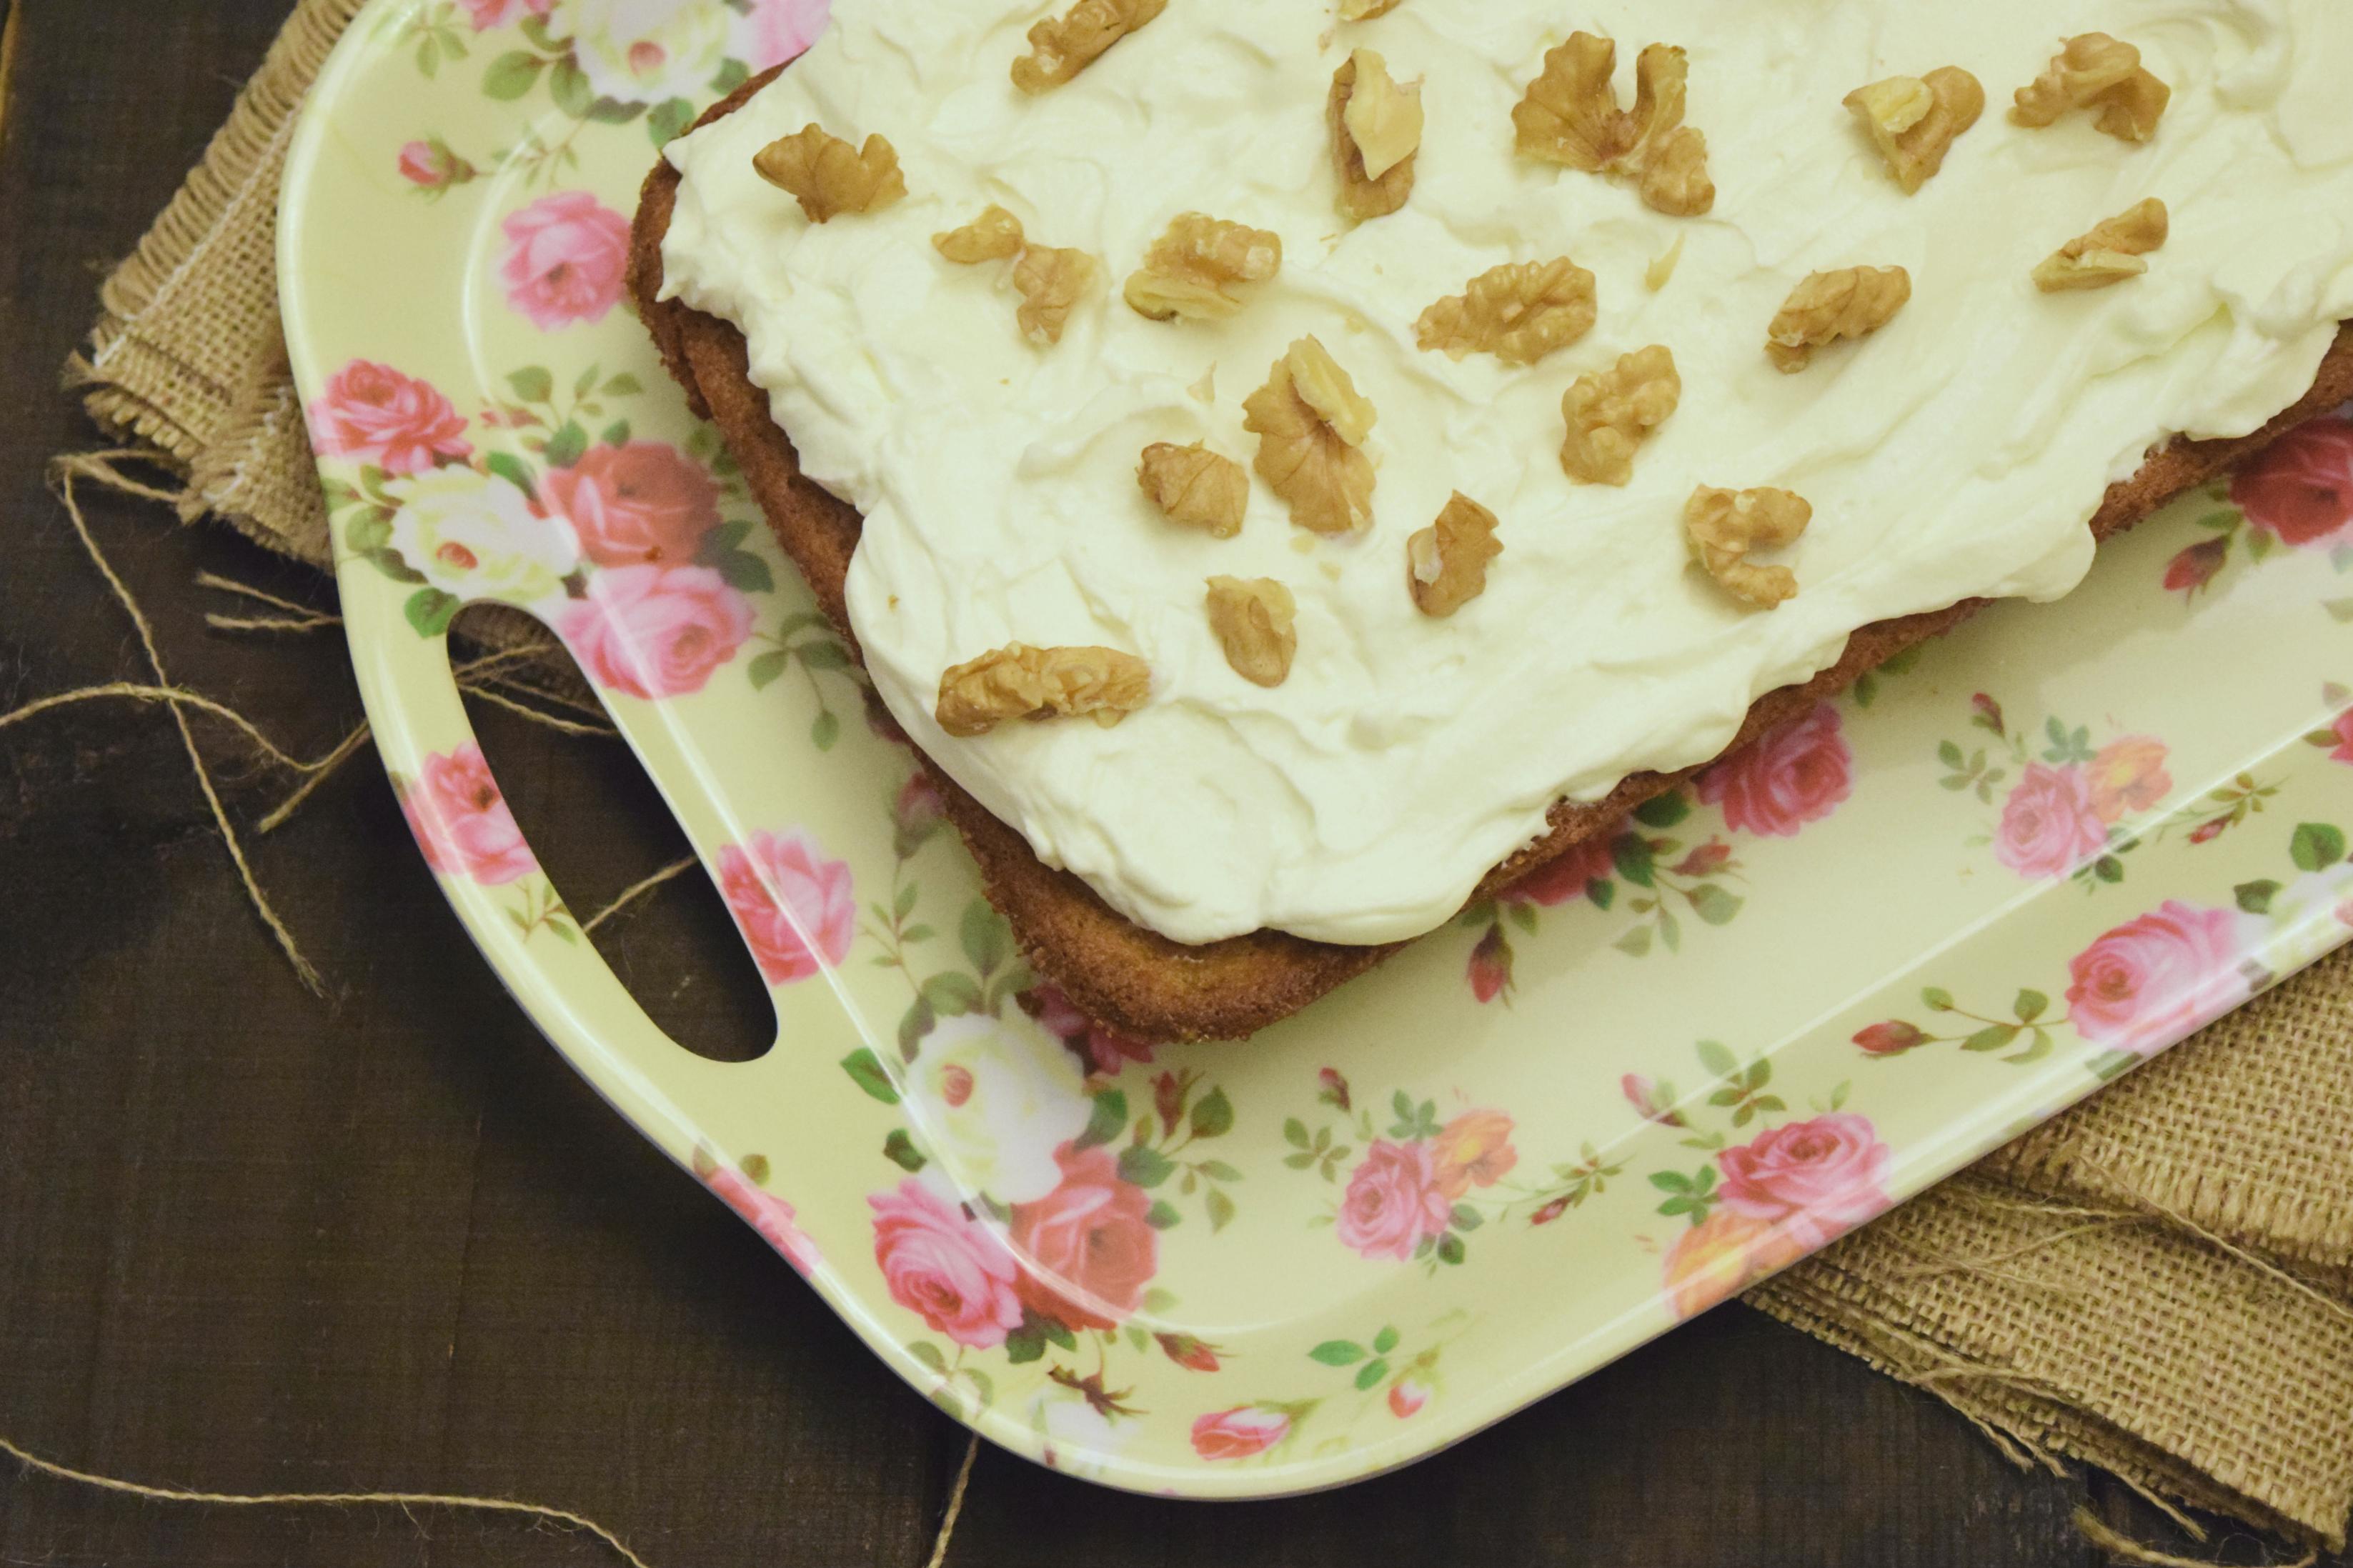 la bandeja de pasteles pwsa tres cuartos de kilo tiene